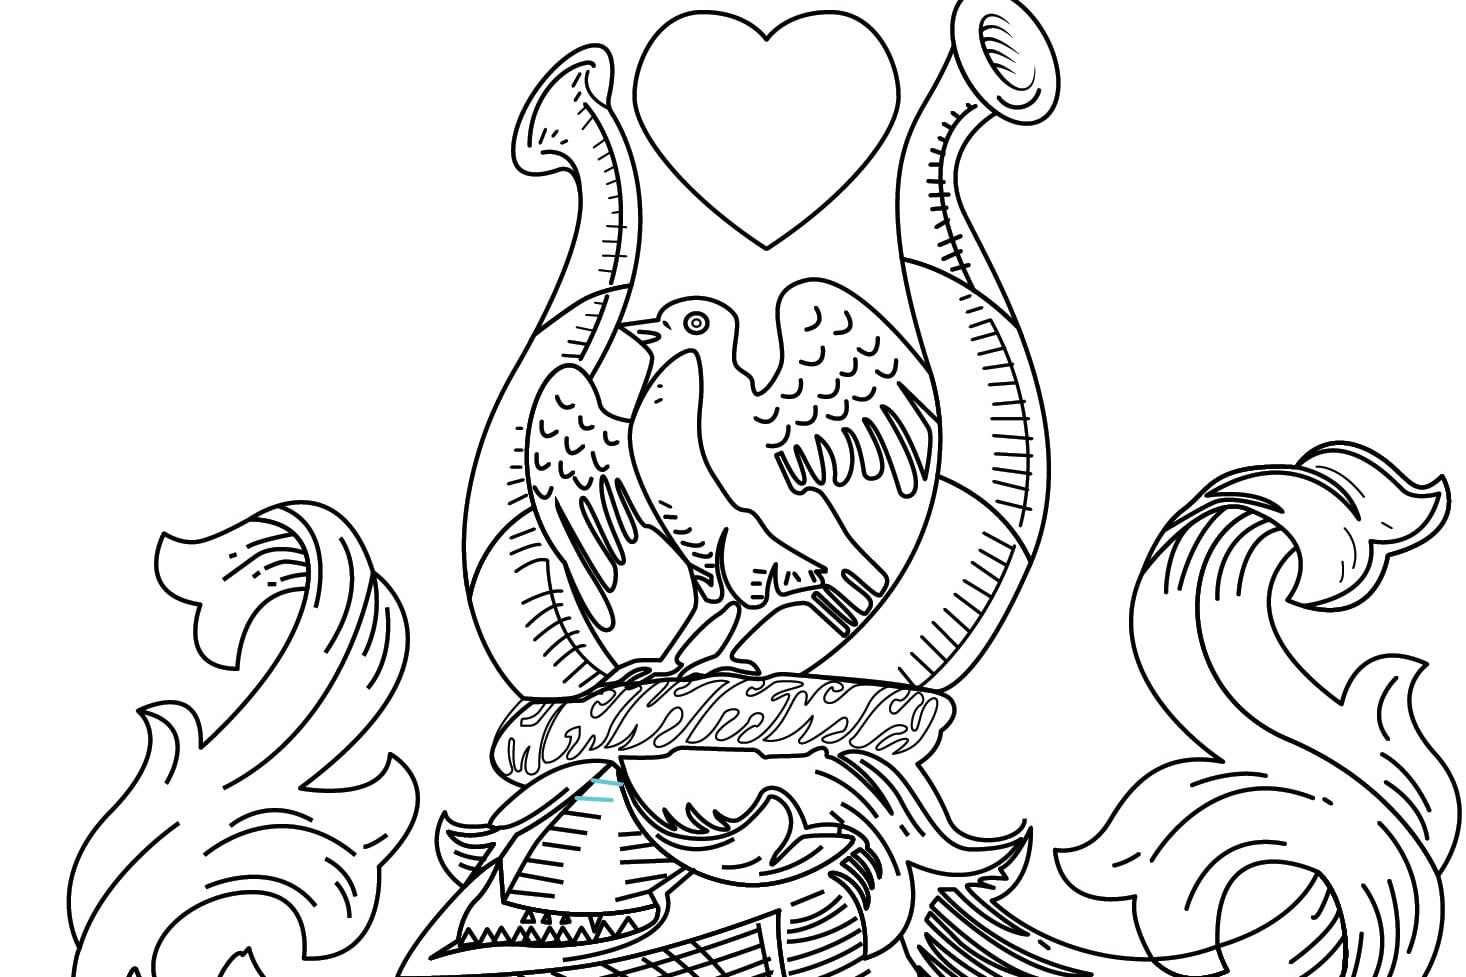 Portfolio for draw simply black and white line art